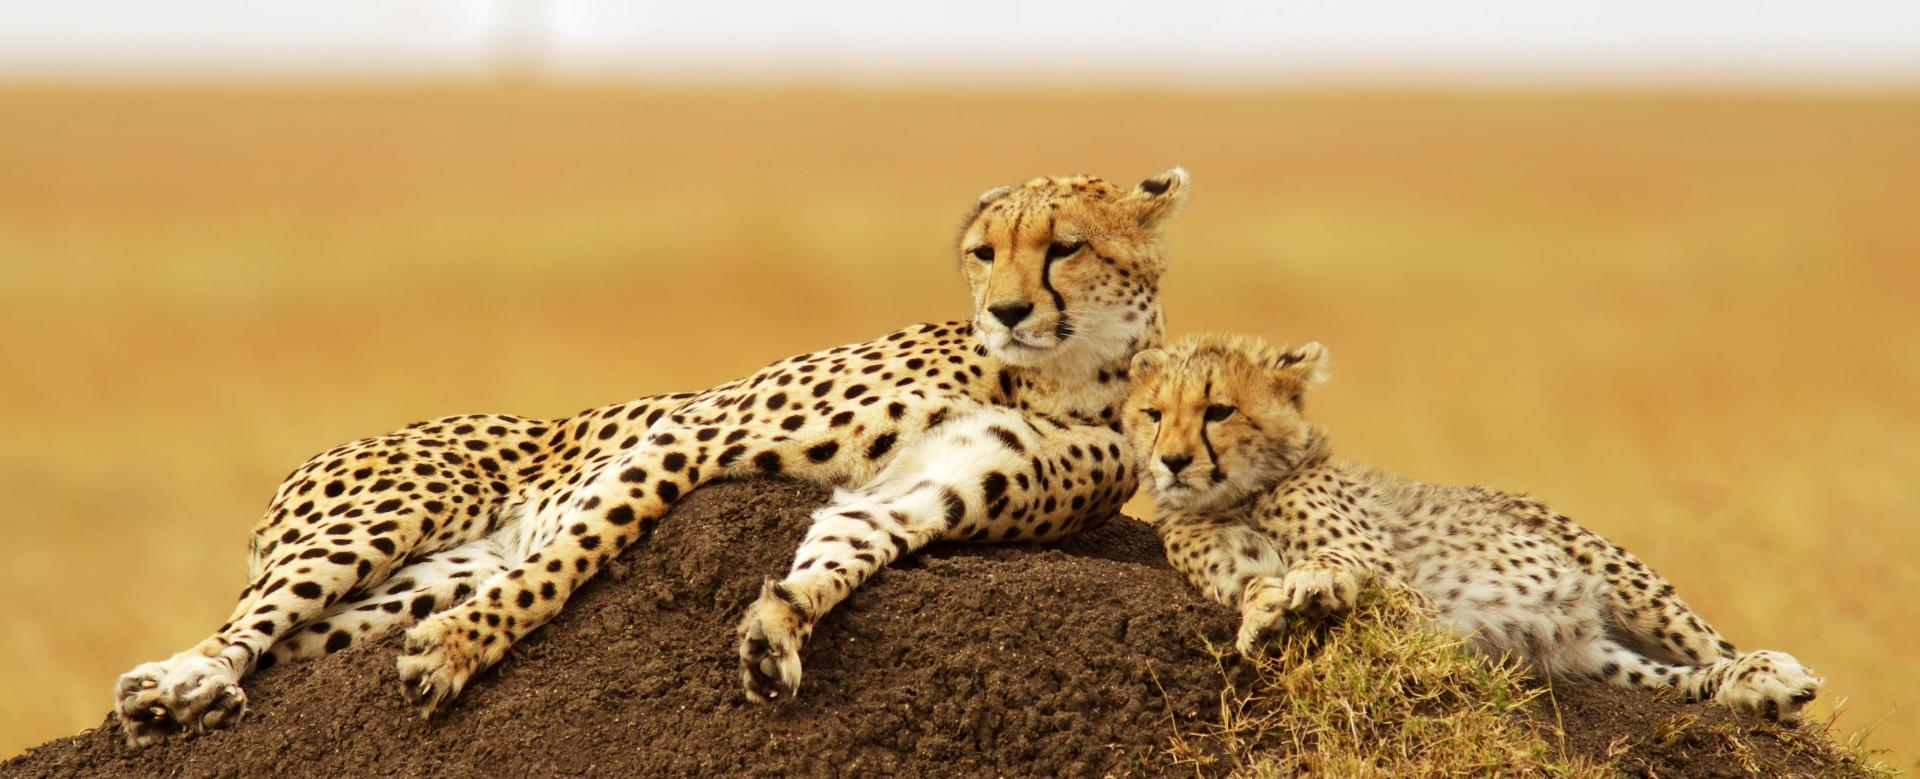 Voyage avec des animaux : Masai mara et safaris kenyans en lodge